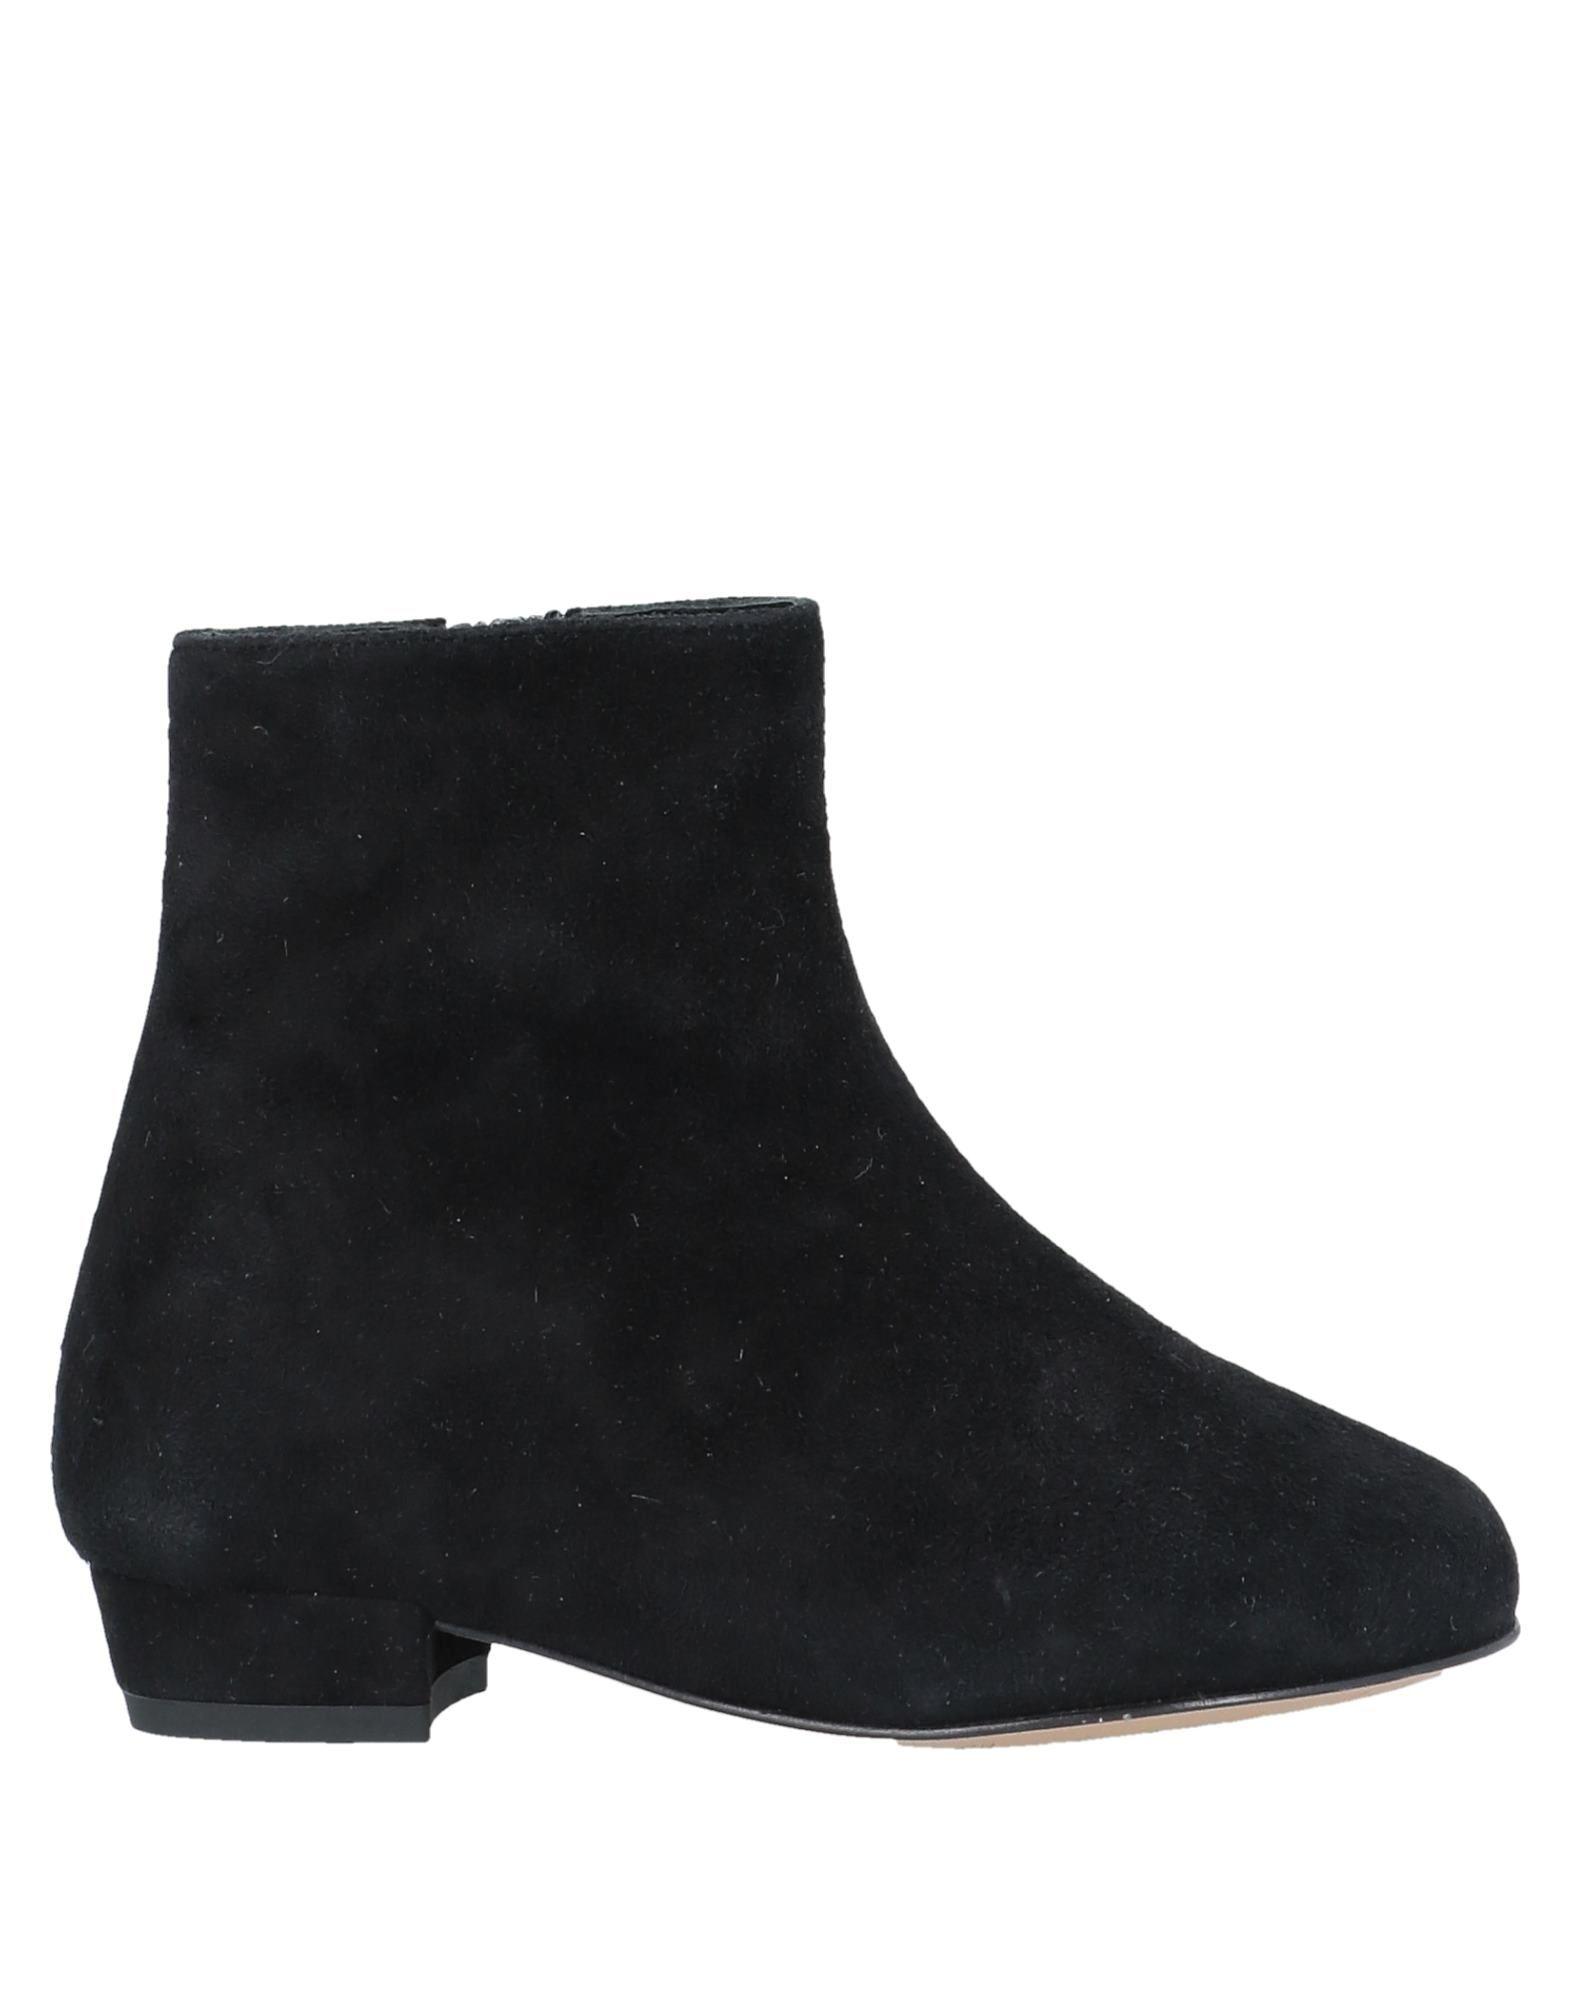 DOLCE & GABBANA   DOLCE & GABBANA Ankle Boots 11718688   Goxip